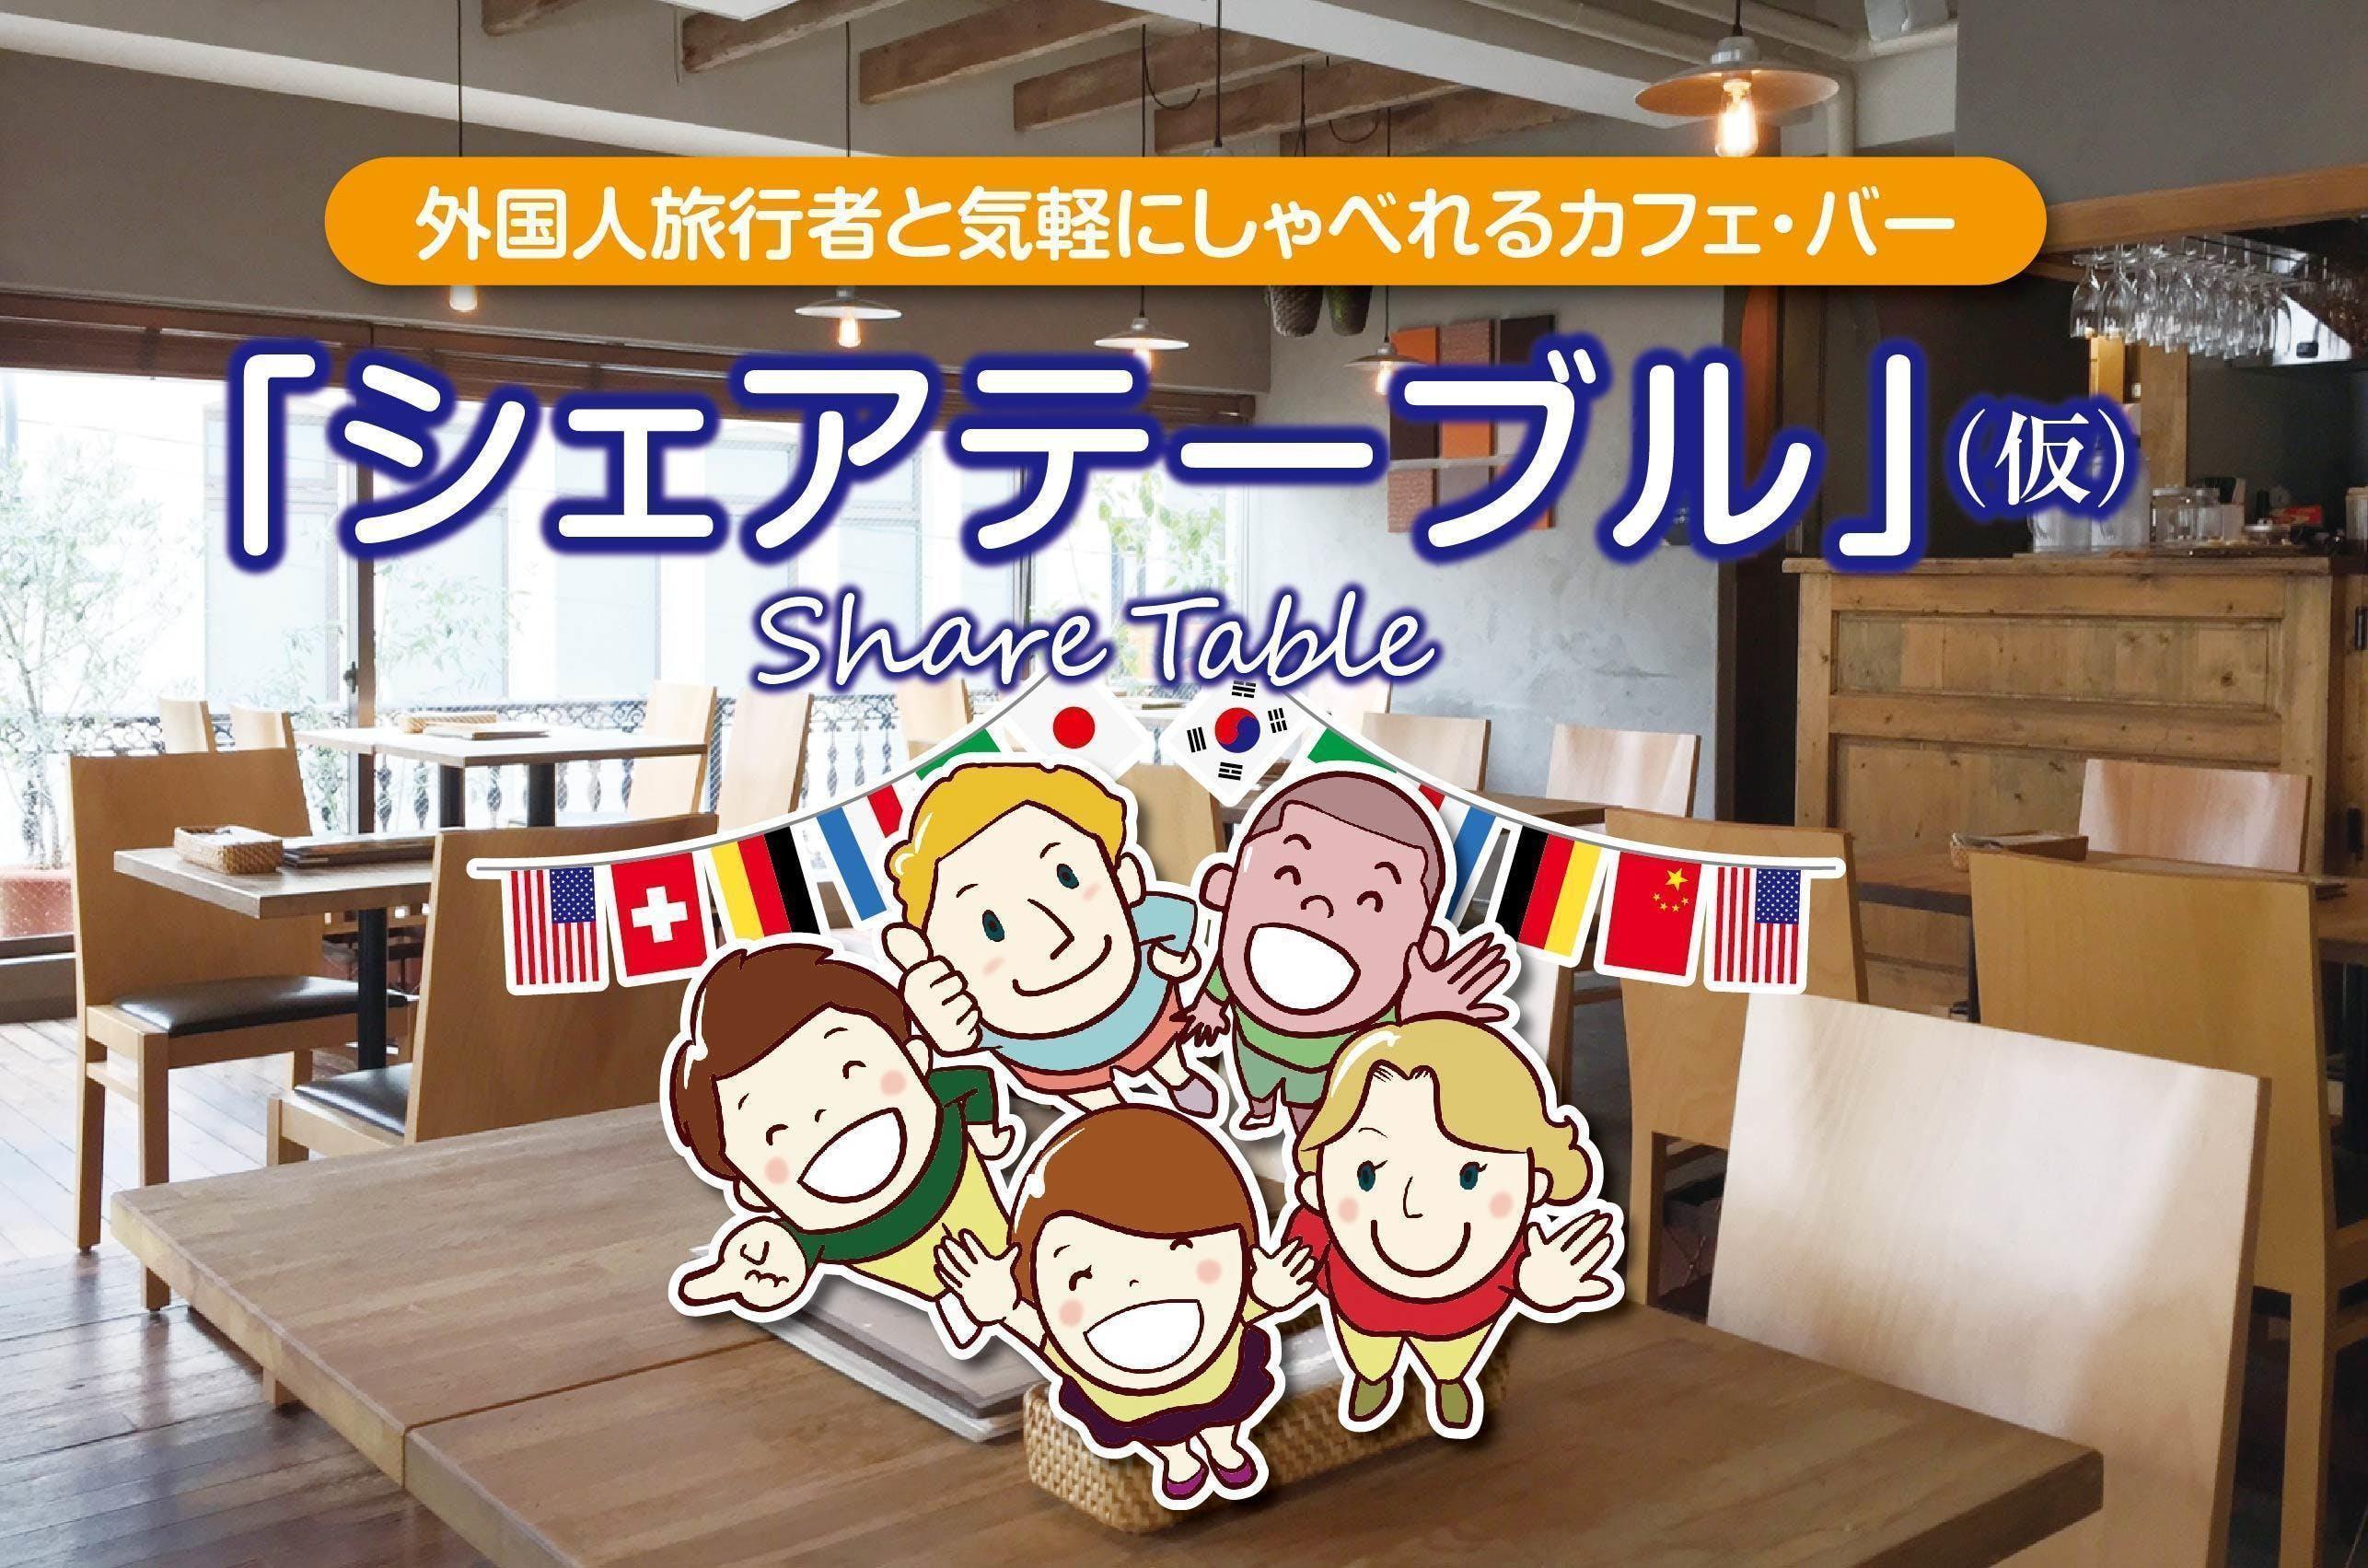 今までありそうでなかった、外国人観光客と気軽に交流できるカフェ・バーを作りたい!